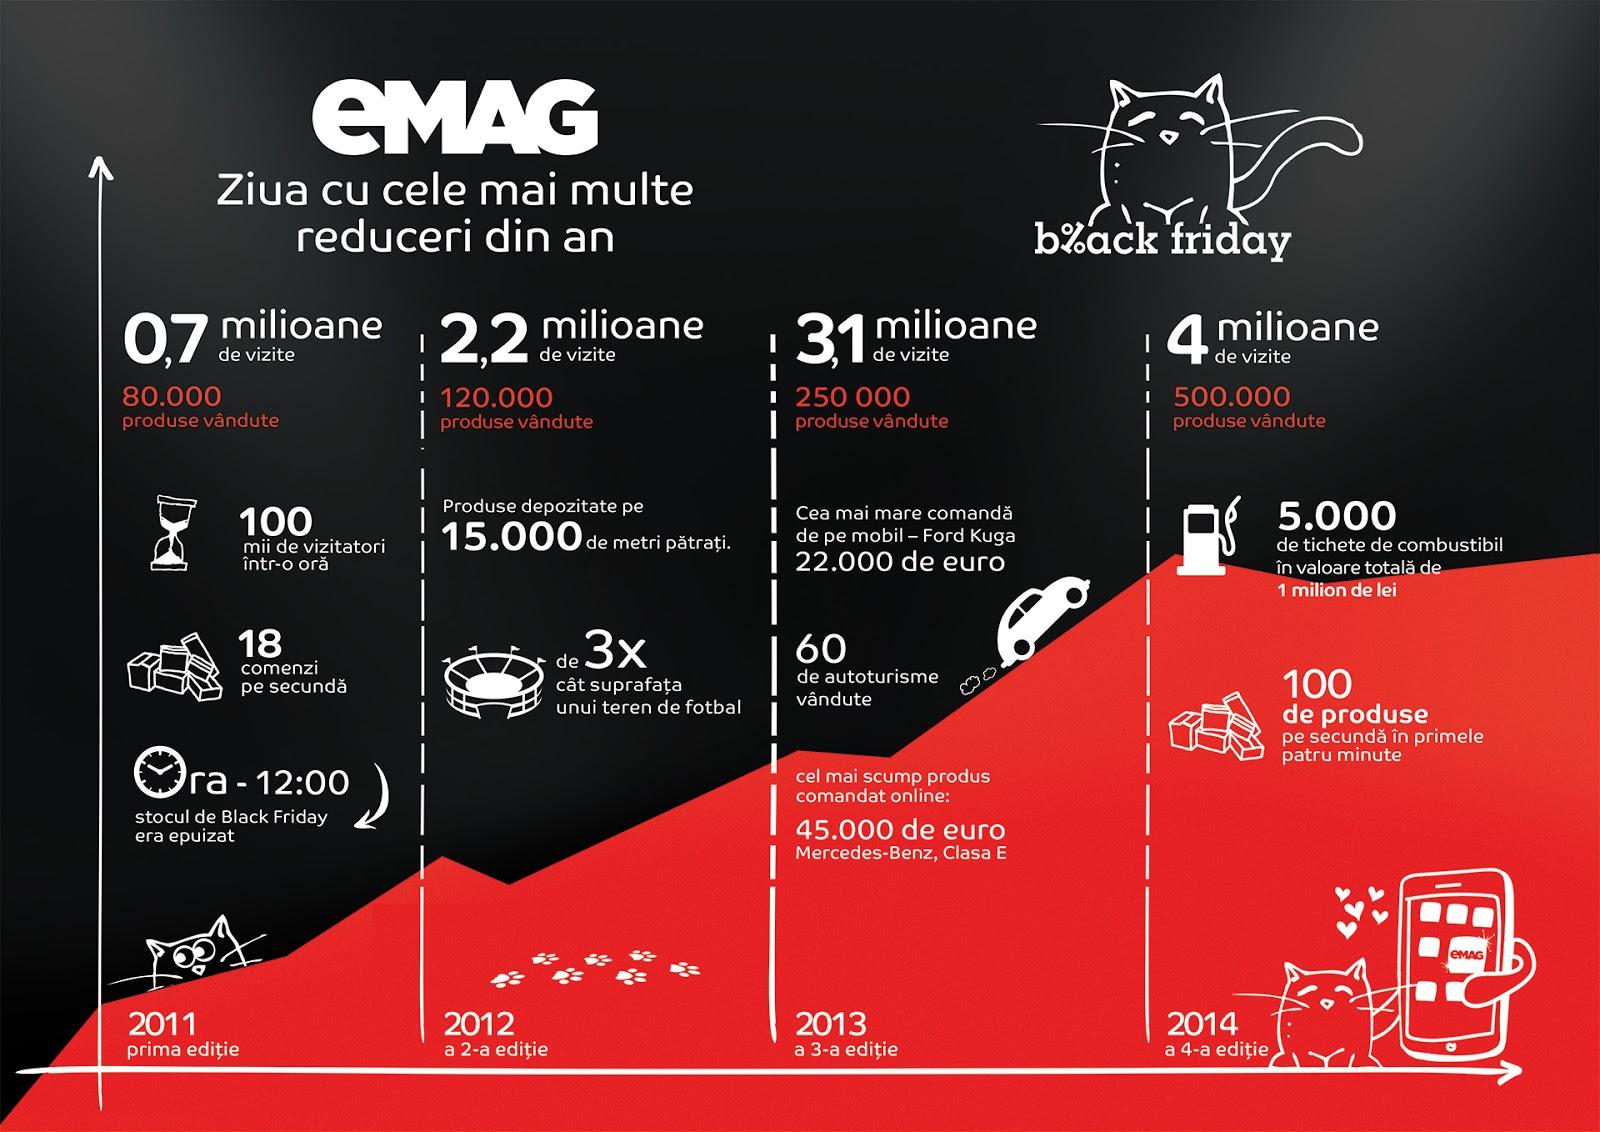 Black Friday eMAG 2015  evoMAG si eMag, AMR 2 zile, Black Friday 2015